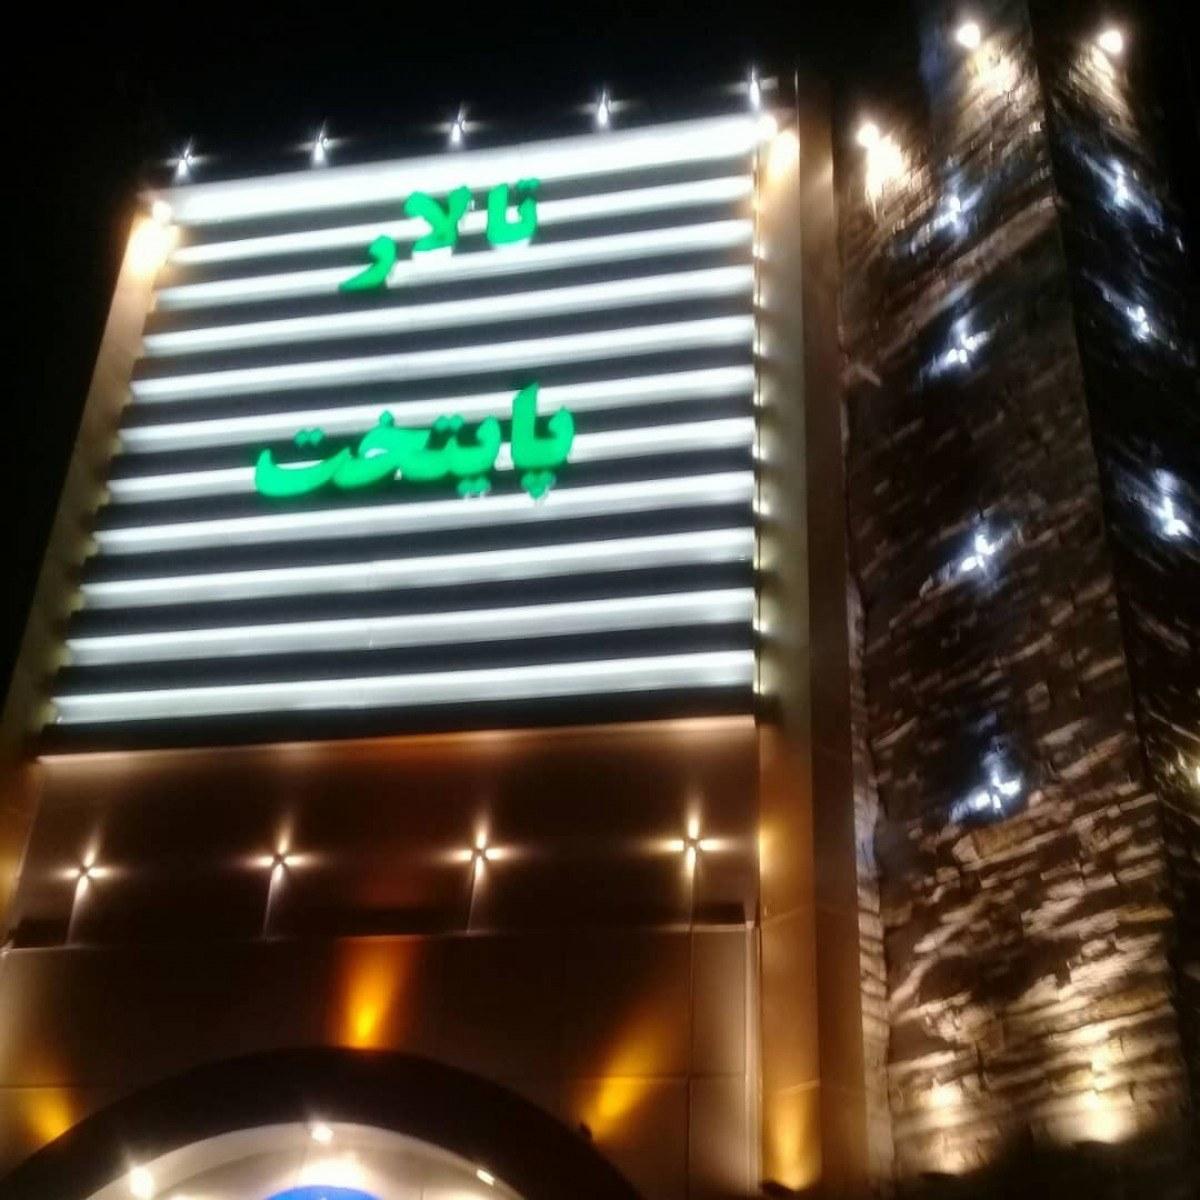 تصویر تالار تشریفات پایتخت منو1